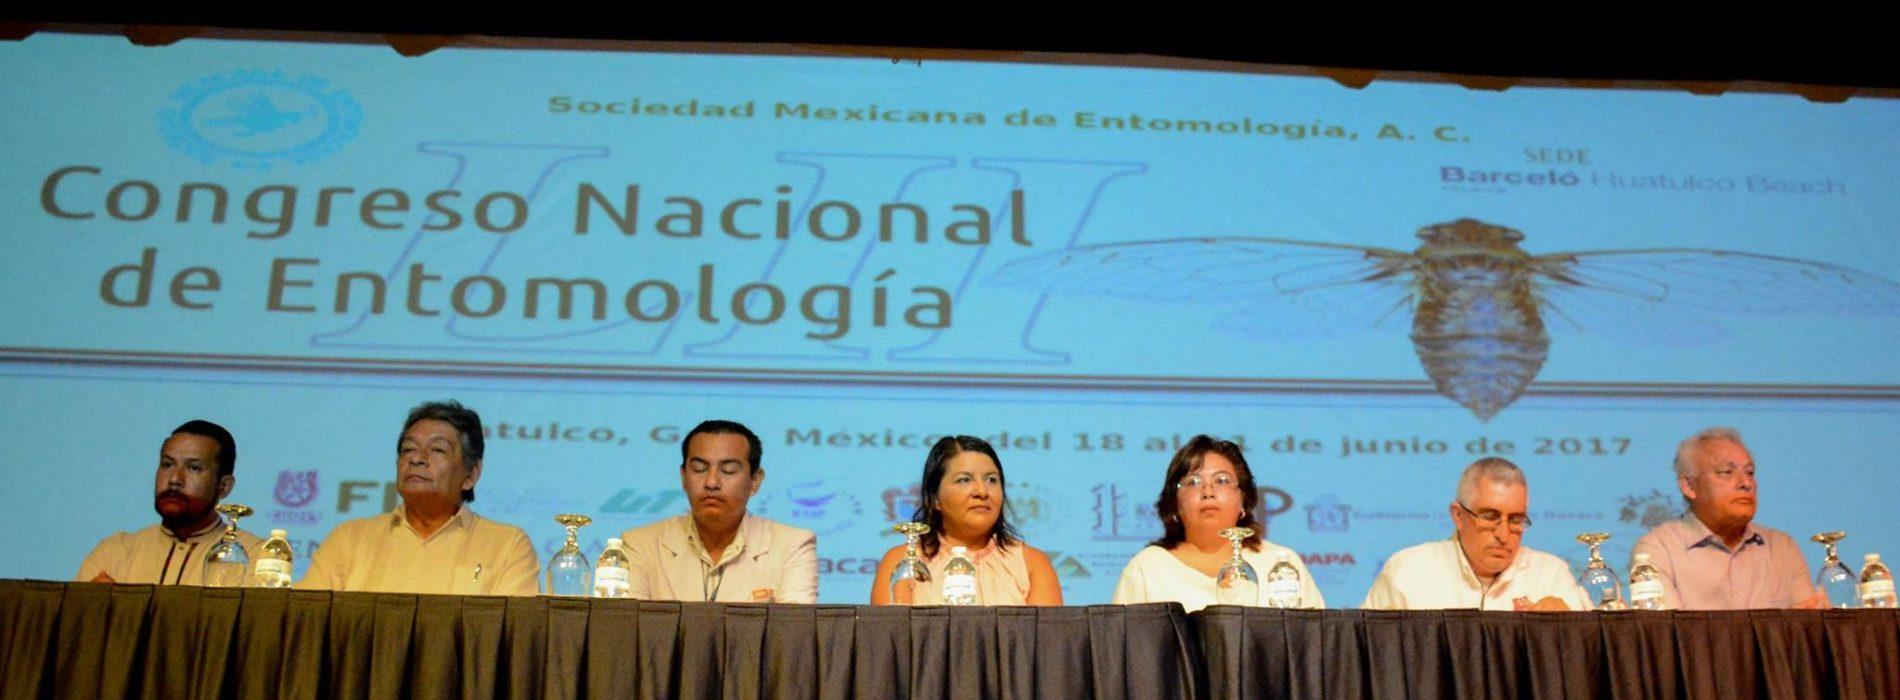 HUATULCO SE CONSOLIDA COMO UN DESTINO DE CONGRESOS, Y LE DA LA BIENVENIDA A LOS VISITANTES DE BUEN CORAZÓN